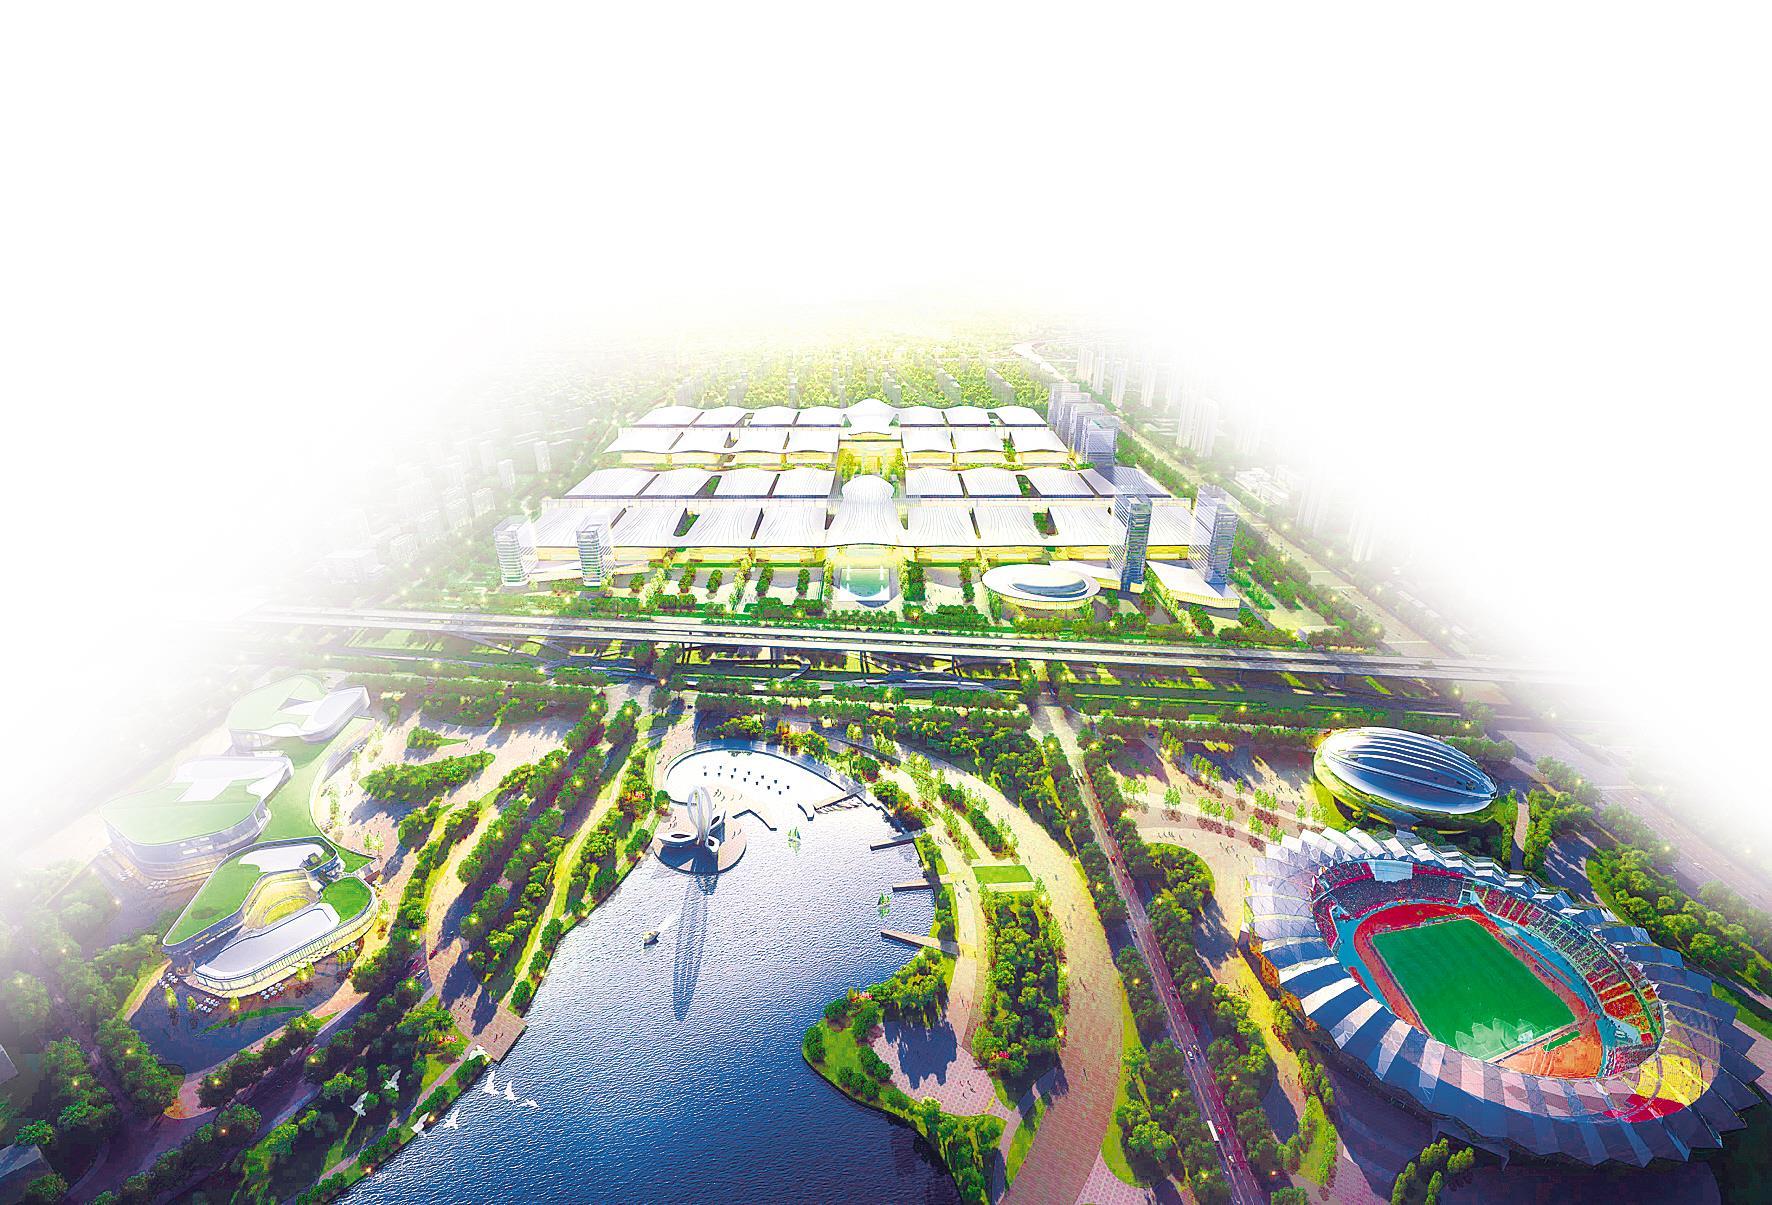 天河国际会展中心正拔地而起 室内净展面积全球第一